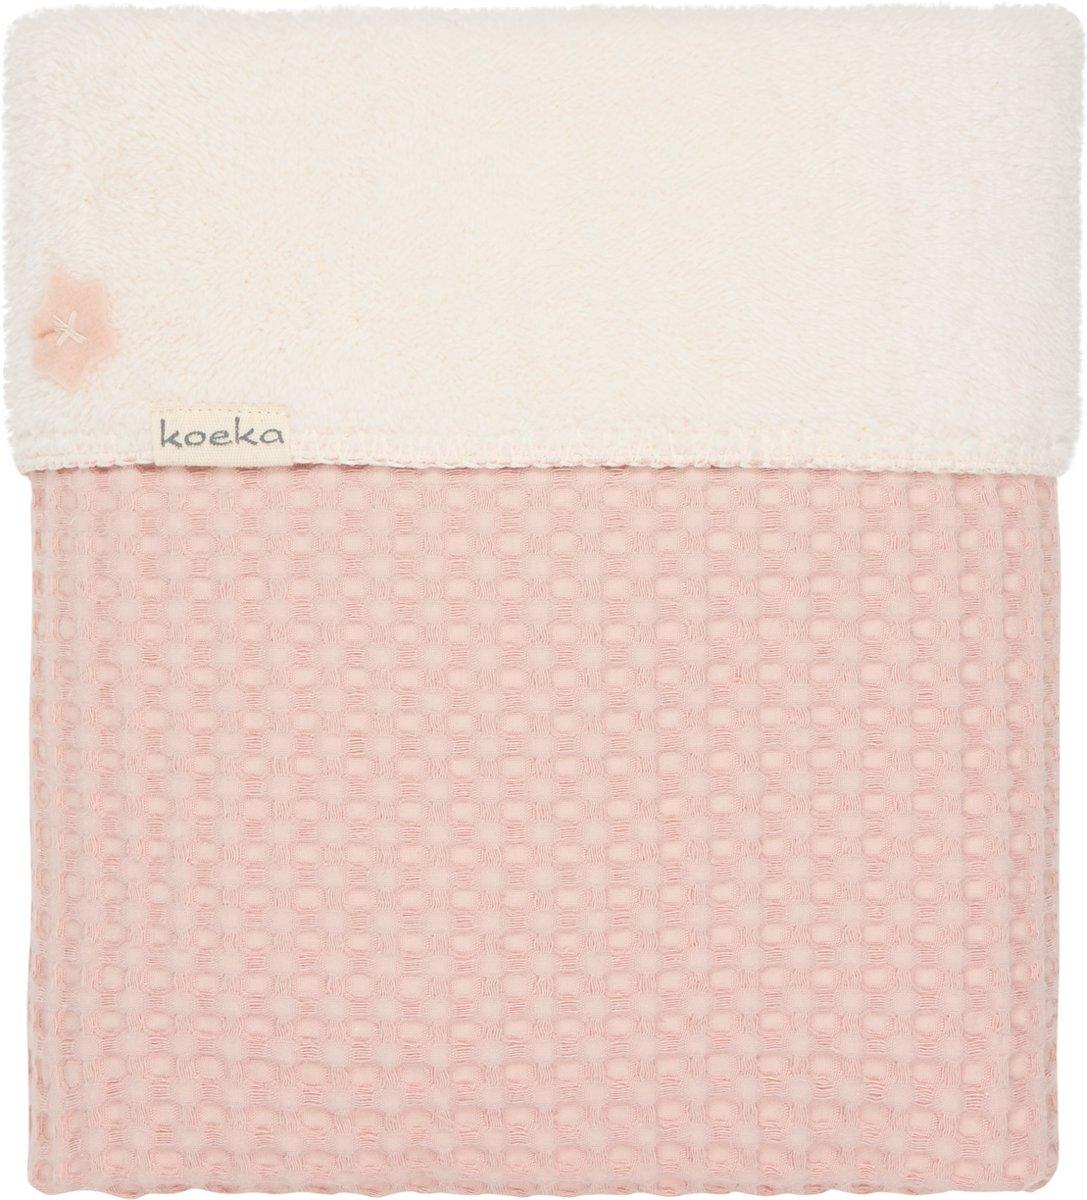 Koeka Wiegdeken wafel/teddy Oslo - Shadow pink